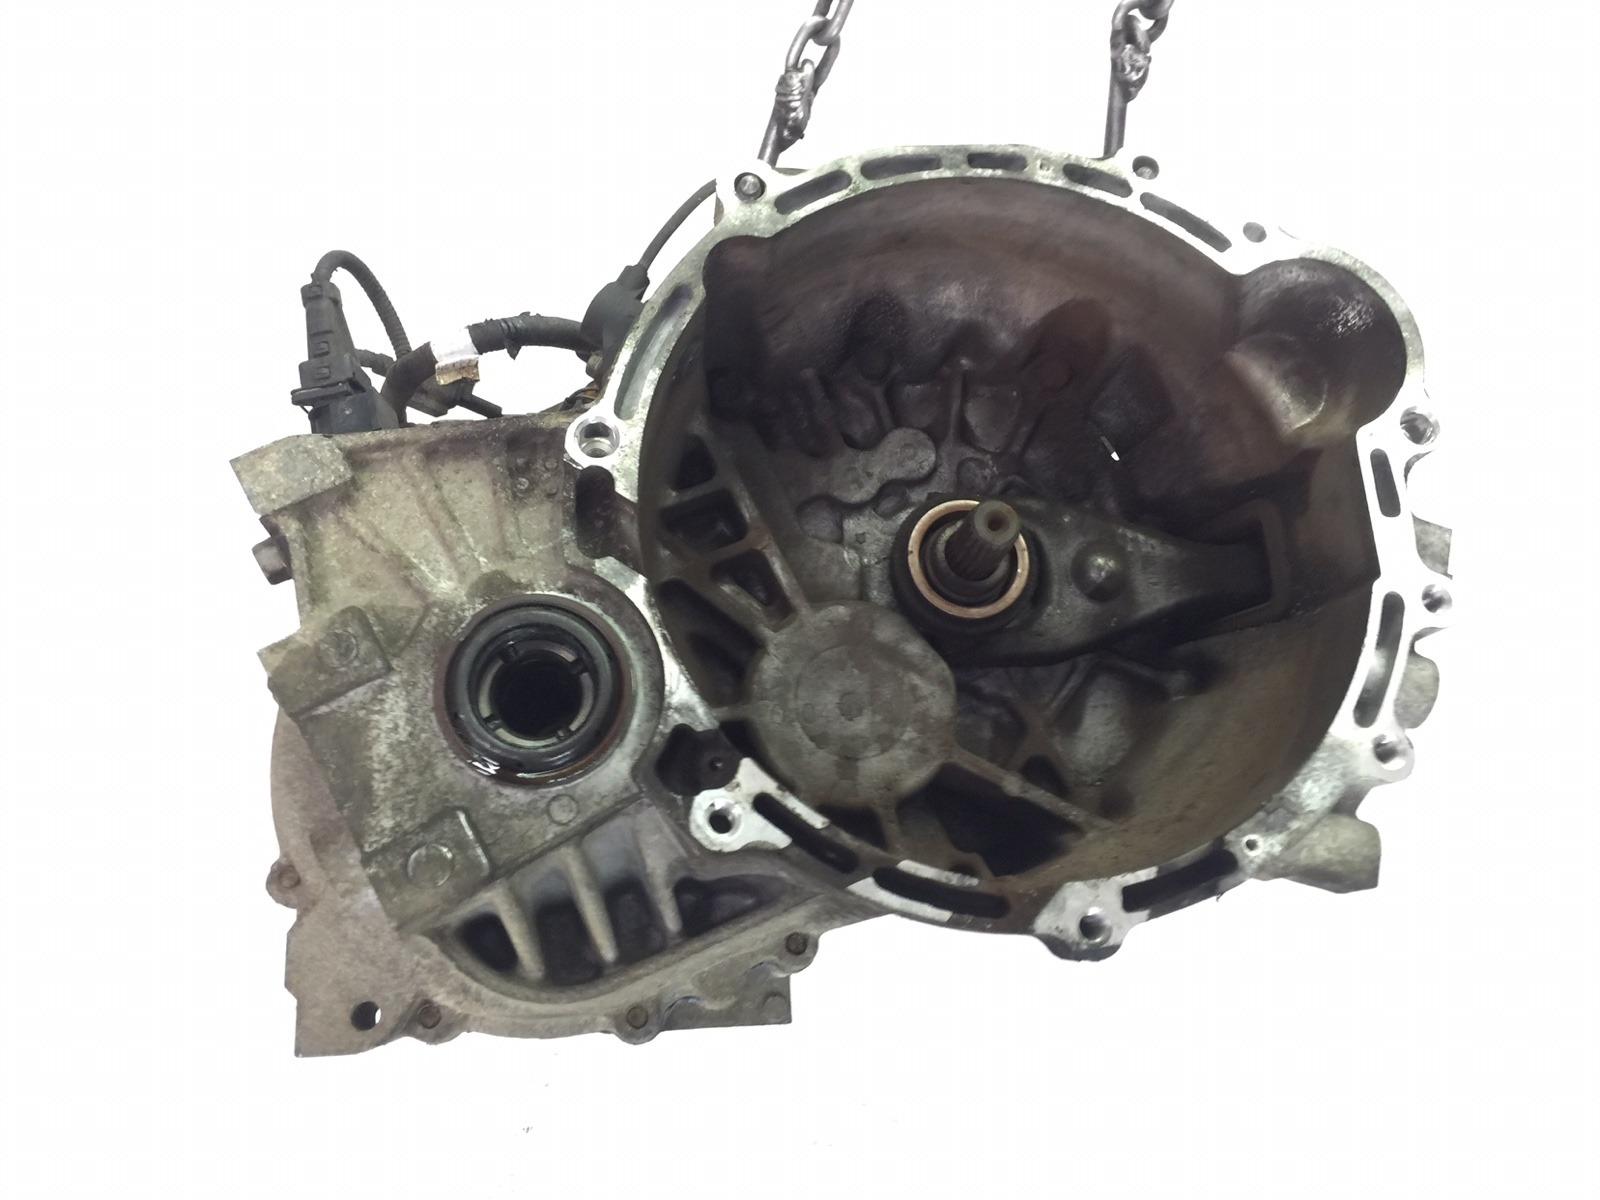 Кпп механическая (мкпп) Kia Ceed 1.6 CRDI 2009 (б/у)